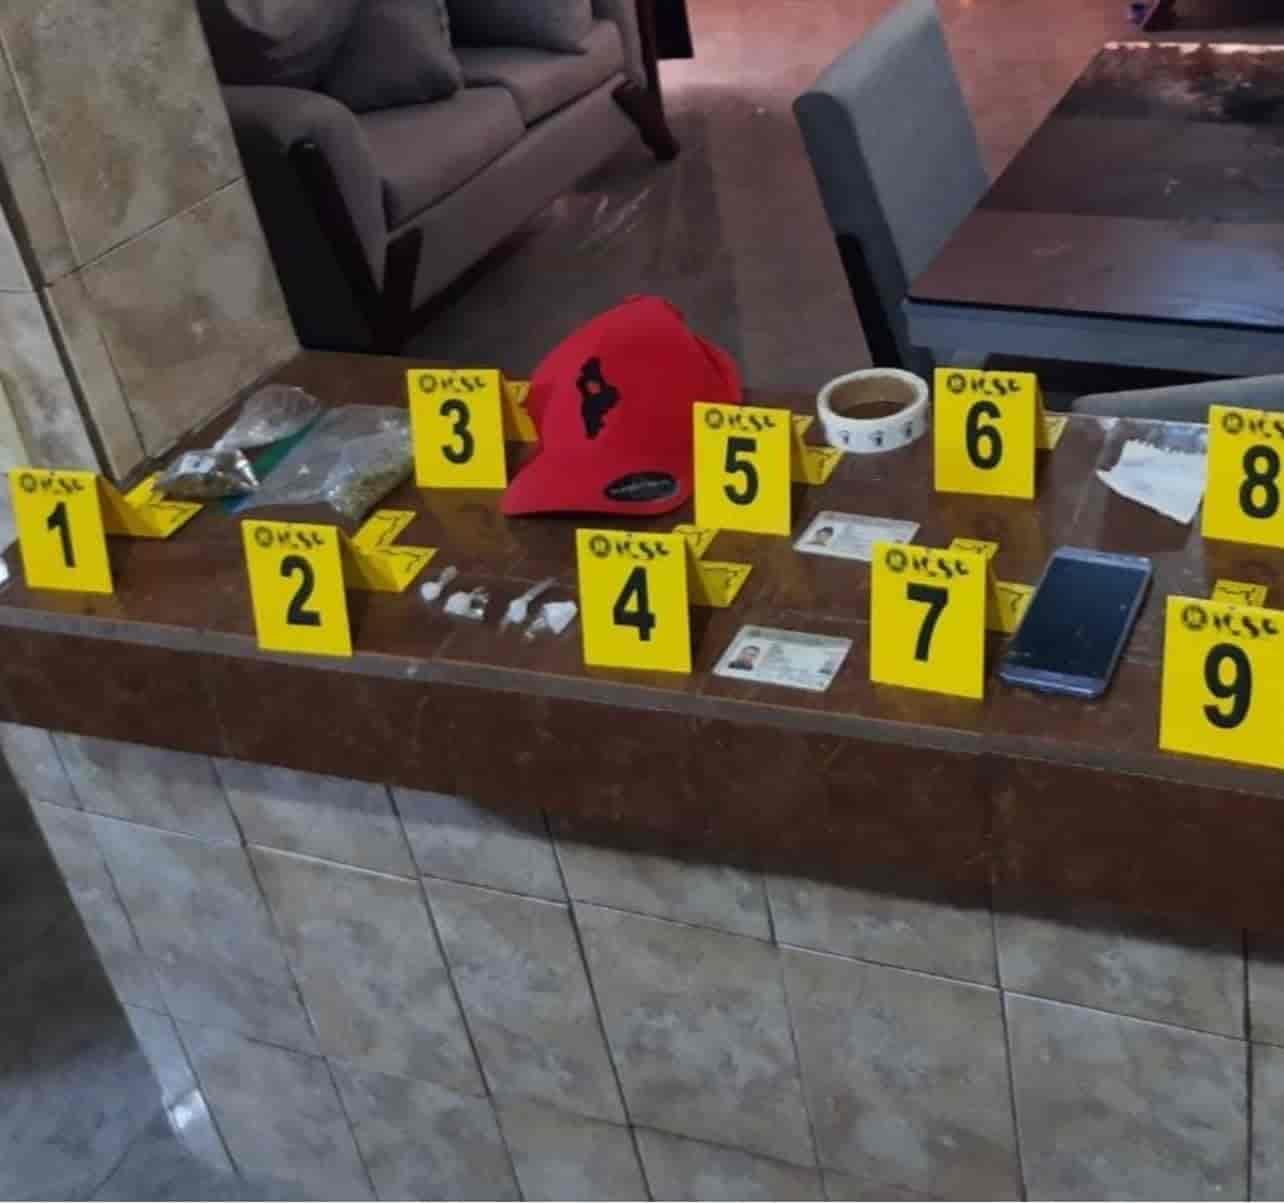 Catearon una narco-casa de un grupo de la delincuencia organizada, asegurando dosis de marihuana y cocaína